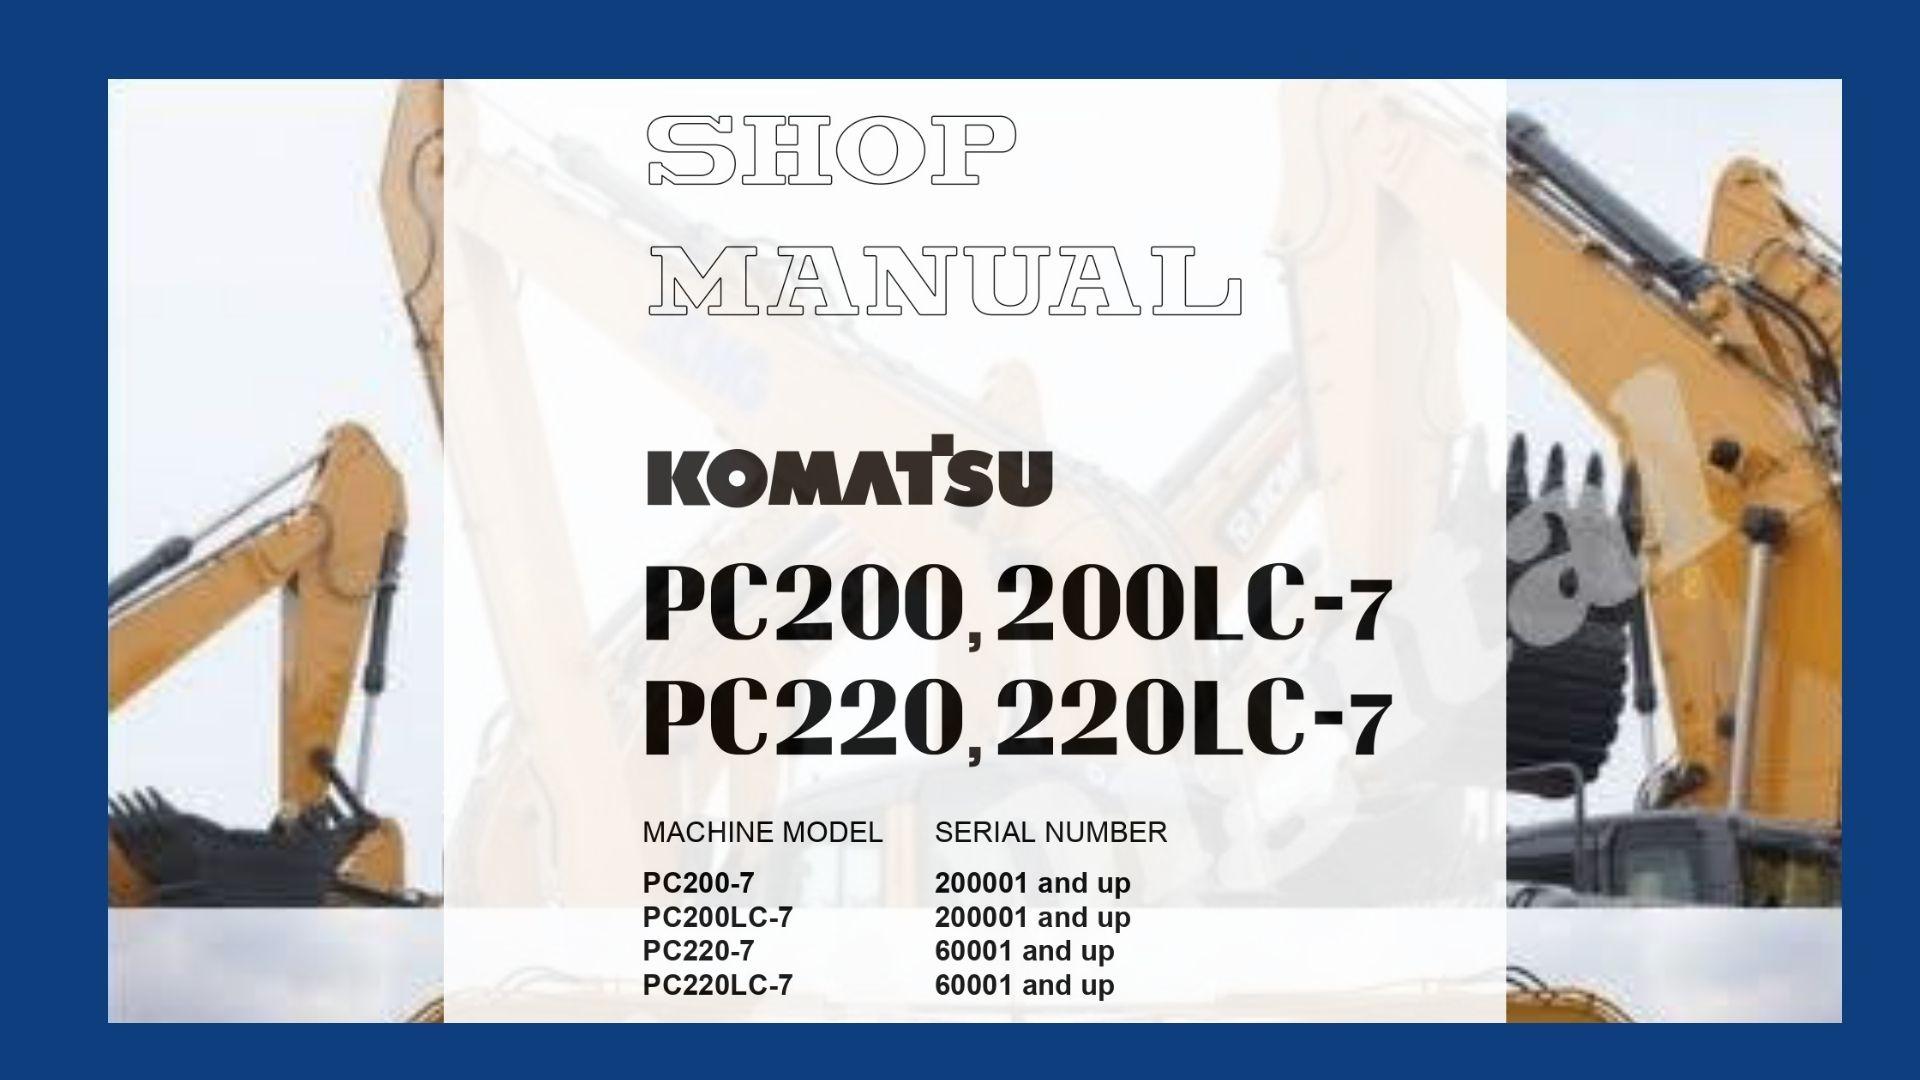 Shop Manual pc200-7 pc200lc-7 pc220-7 pc220lc-7 Komatsu